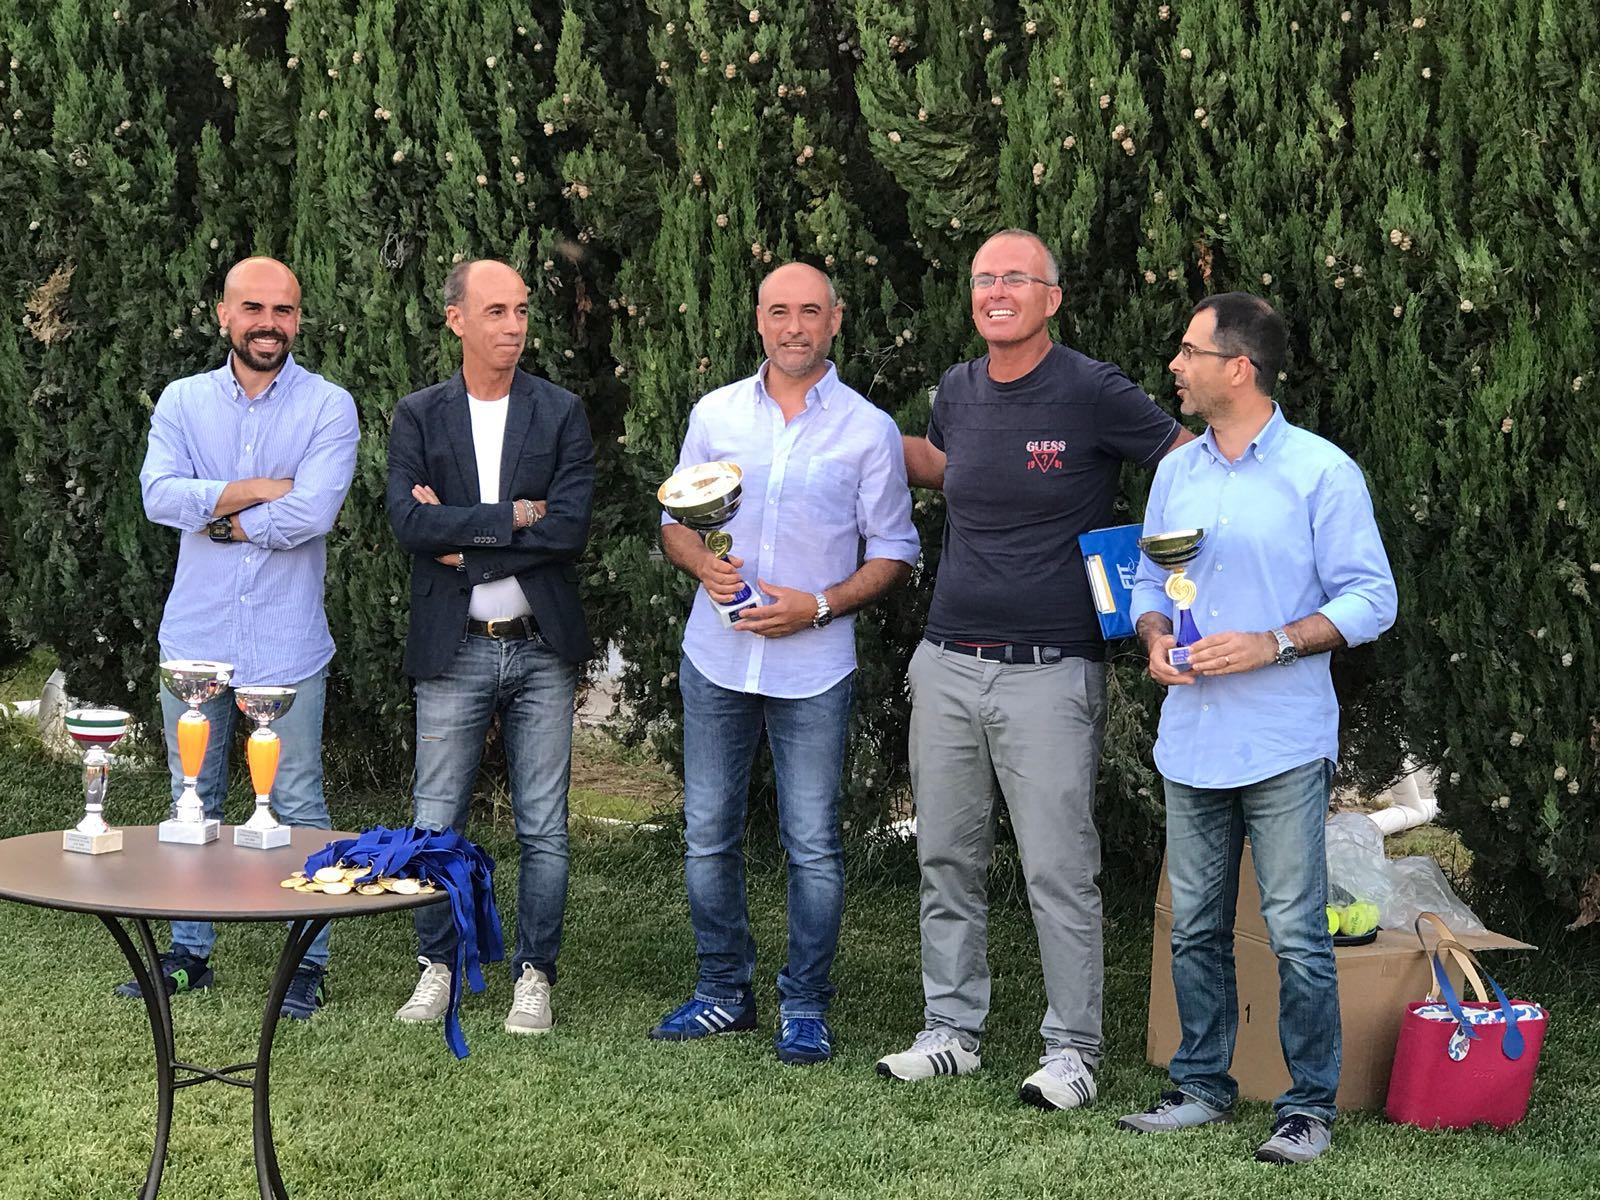 SEZIONE TENNIS: FESTA DI CHIUSURA NEL SEGNO…DELLO SPORT!